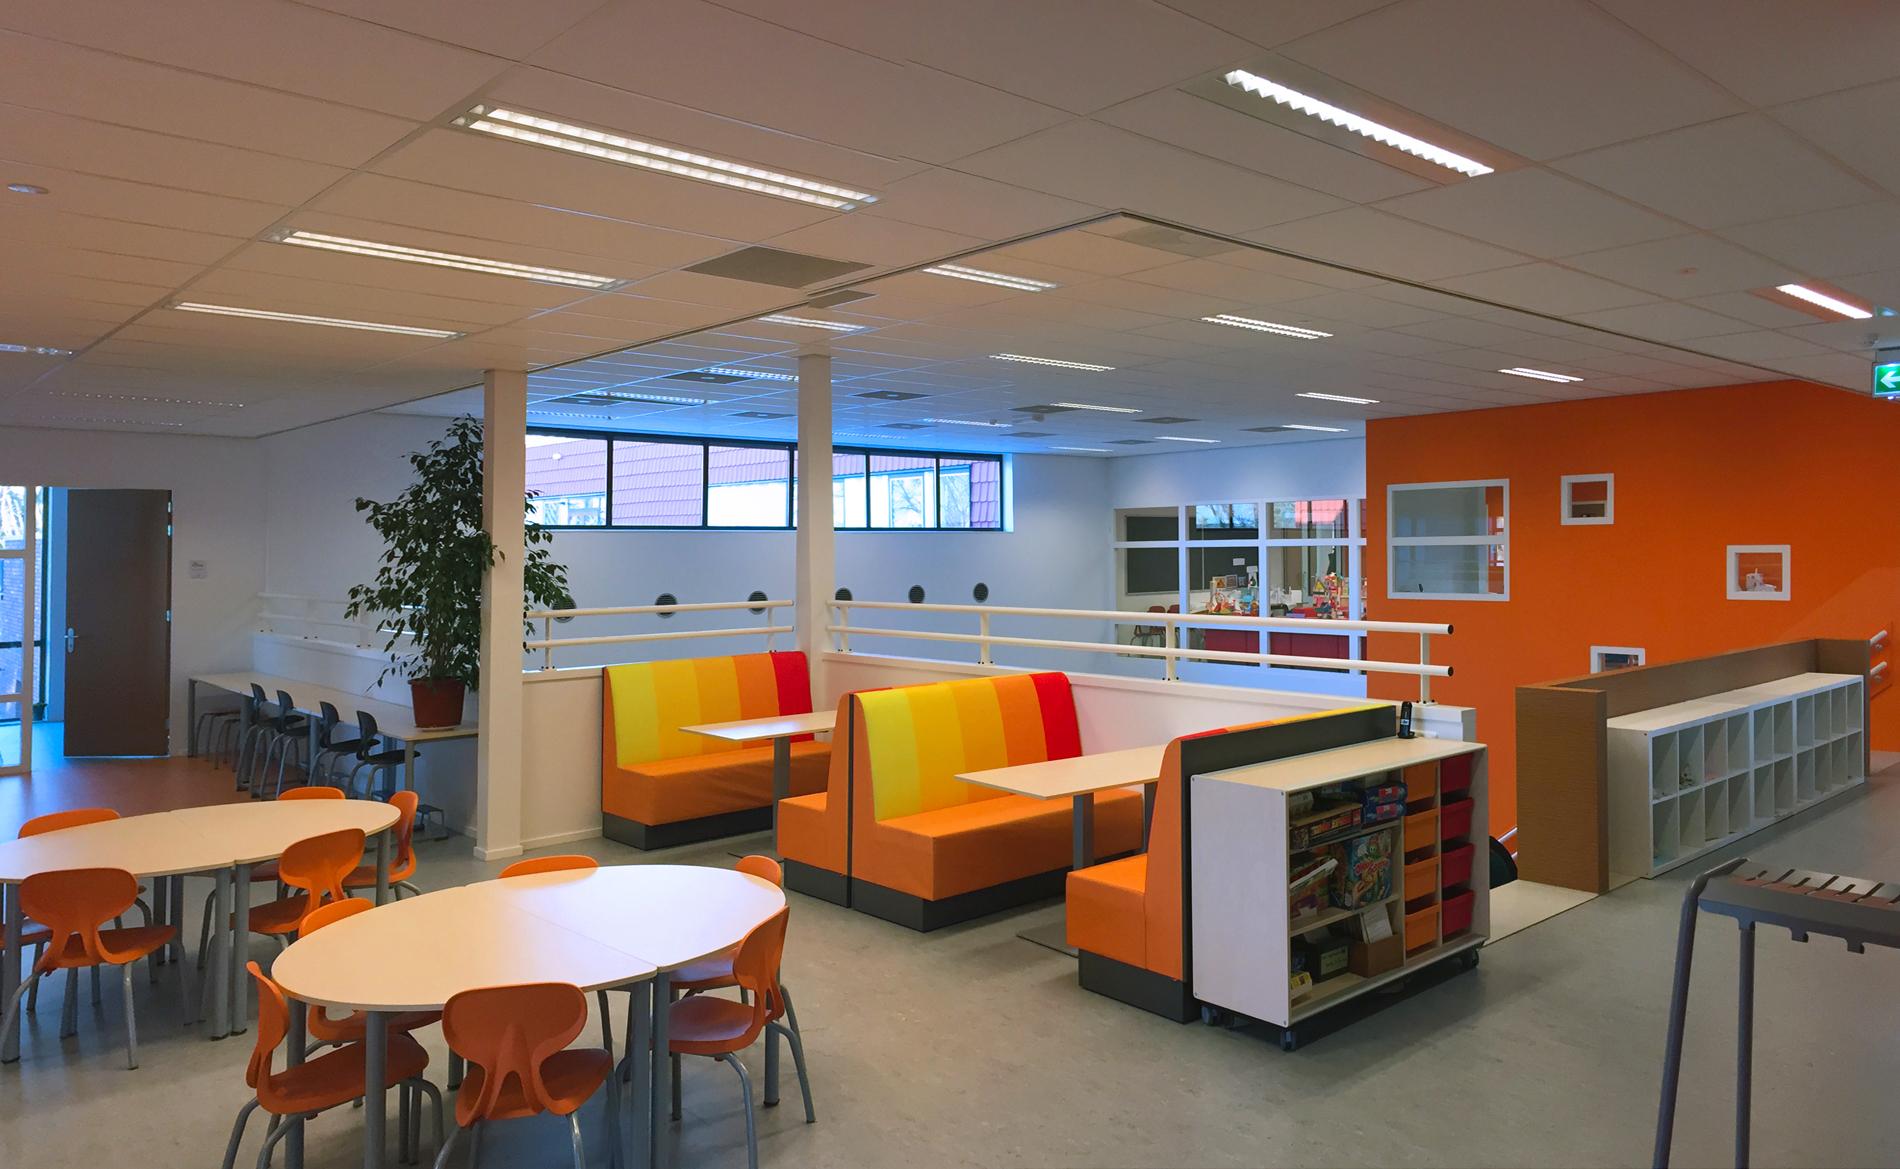 architect scholen onderwijs kinderdagveblijf BSO IKC Het Duet Uithoorn Thamerdal BBHD architecten Alkmaar